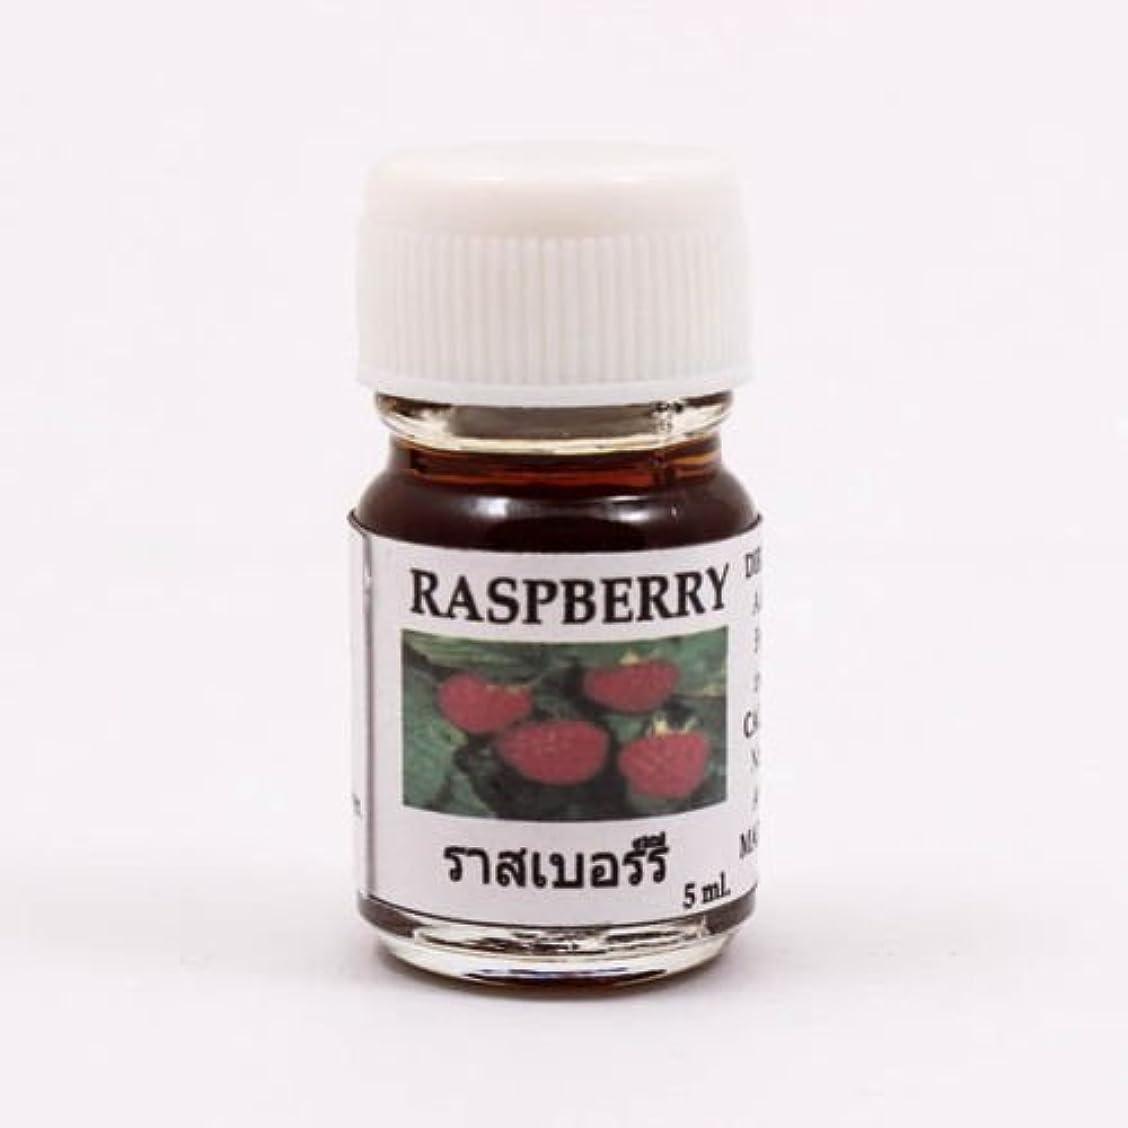 人事興奮成熟した6X Raspberry Aroma Fragrance Essential Oil 5ML cc Diffuser Burner Therapy